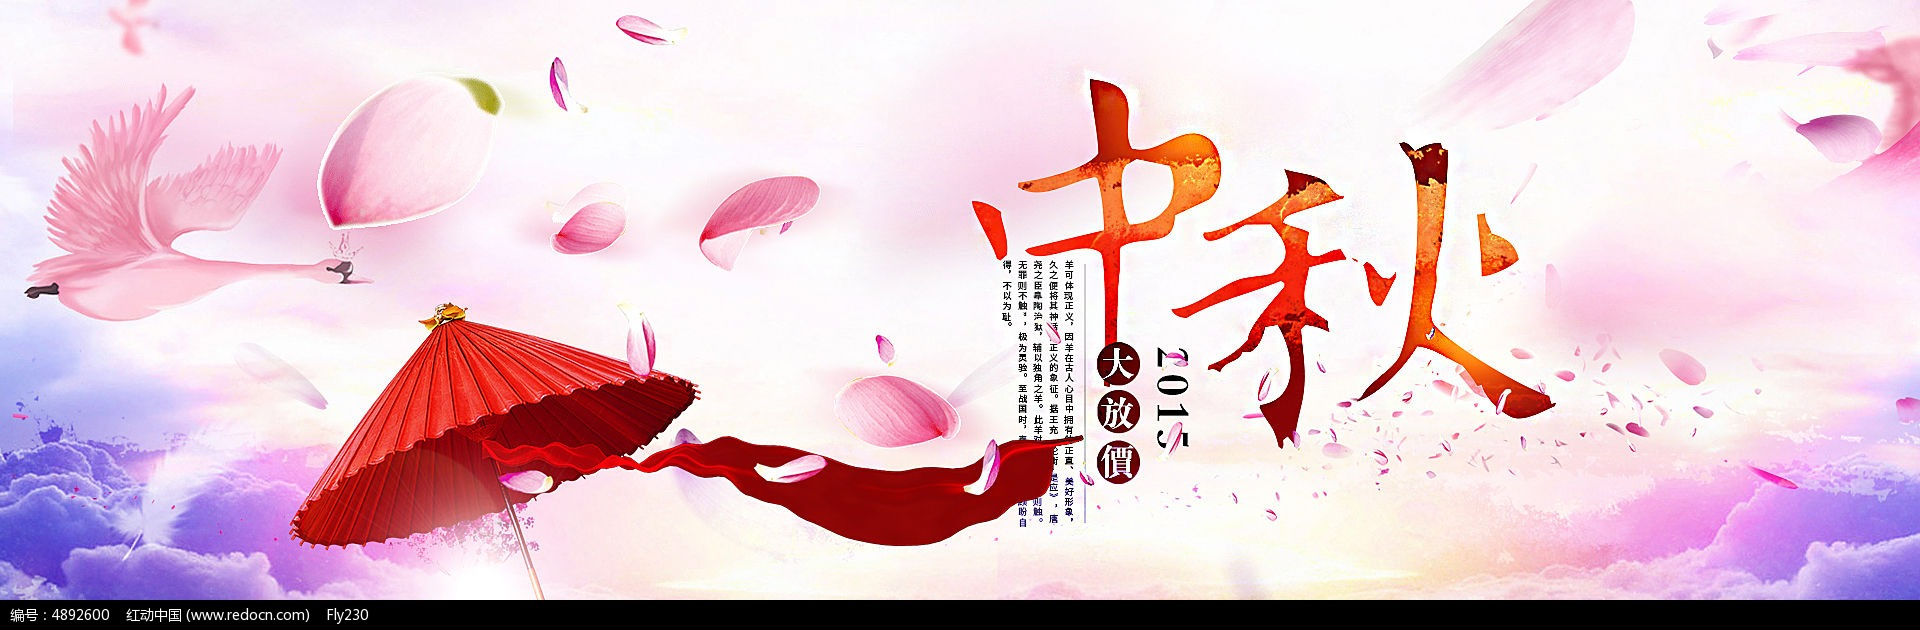 淘宝天猫中秋节中国风海报模板